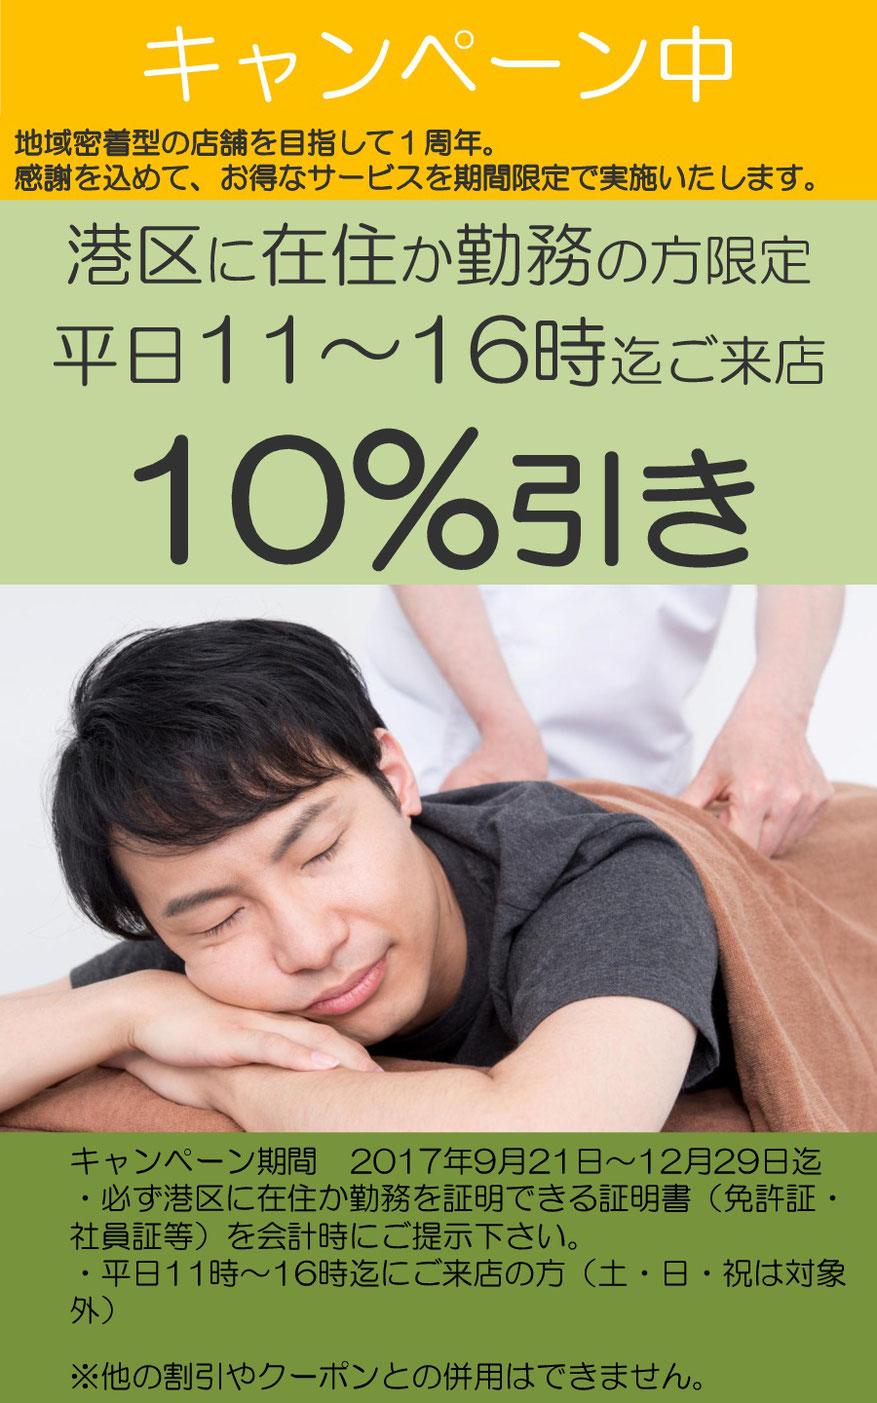 もみほぐし専門店のhogushiリラクゼーション浜松町店では、平日のデイタイムにお得なサービス、港区割を12月も継続して開催することになりました。お得なこのキャンペーン期間中に、ぜひご来店下さいませ。オススメはドライヘッドスパです!